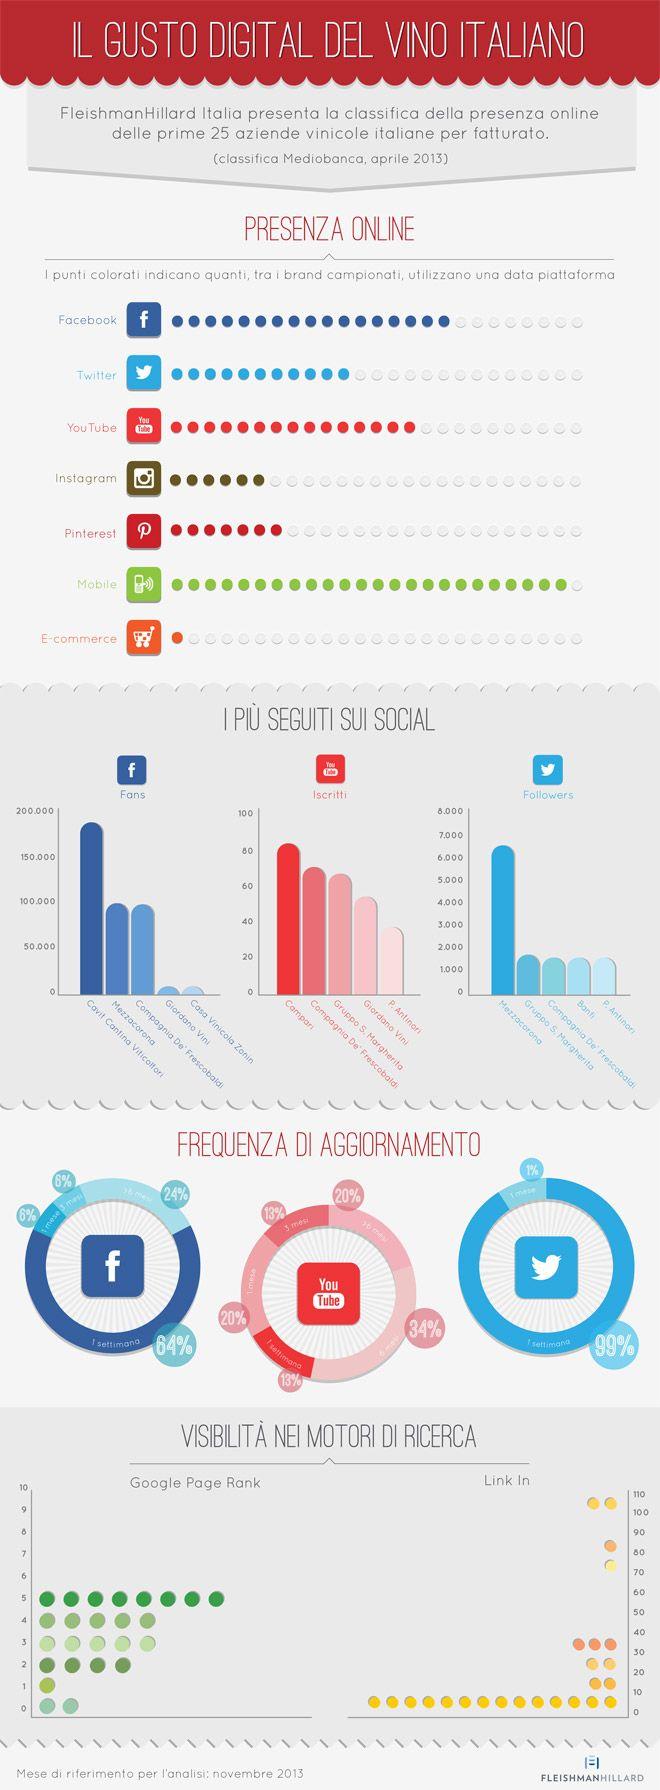 Ecco quanto è #digitale il #Vino italiano [#Infografica] - #socialmedia #SMM